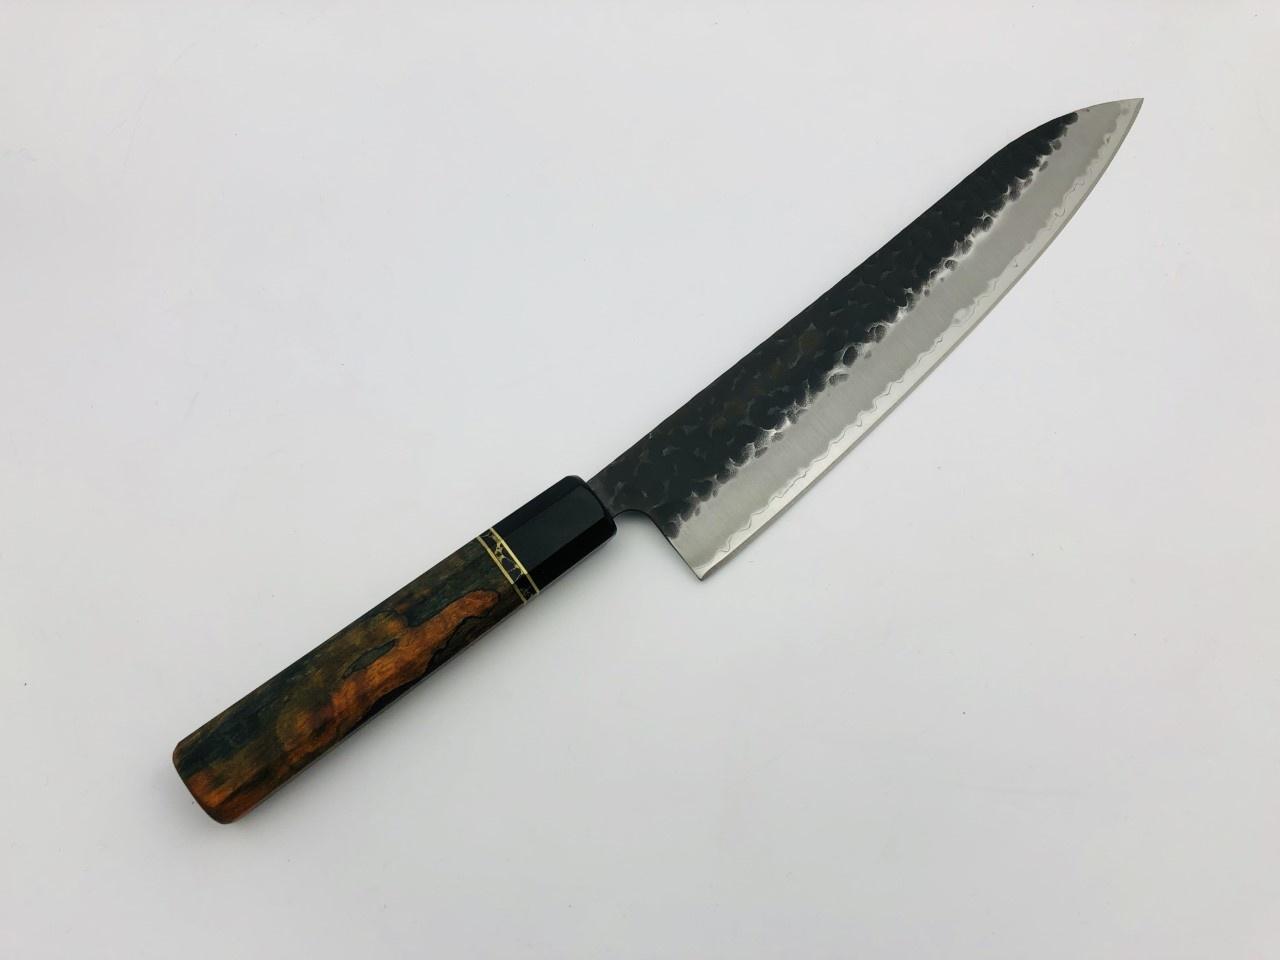 TAKAYUKI Custom Theodore 3 Layers Hammered Gyuto 240 mm AS+ stainless